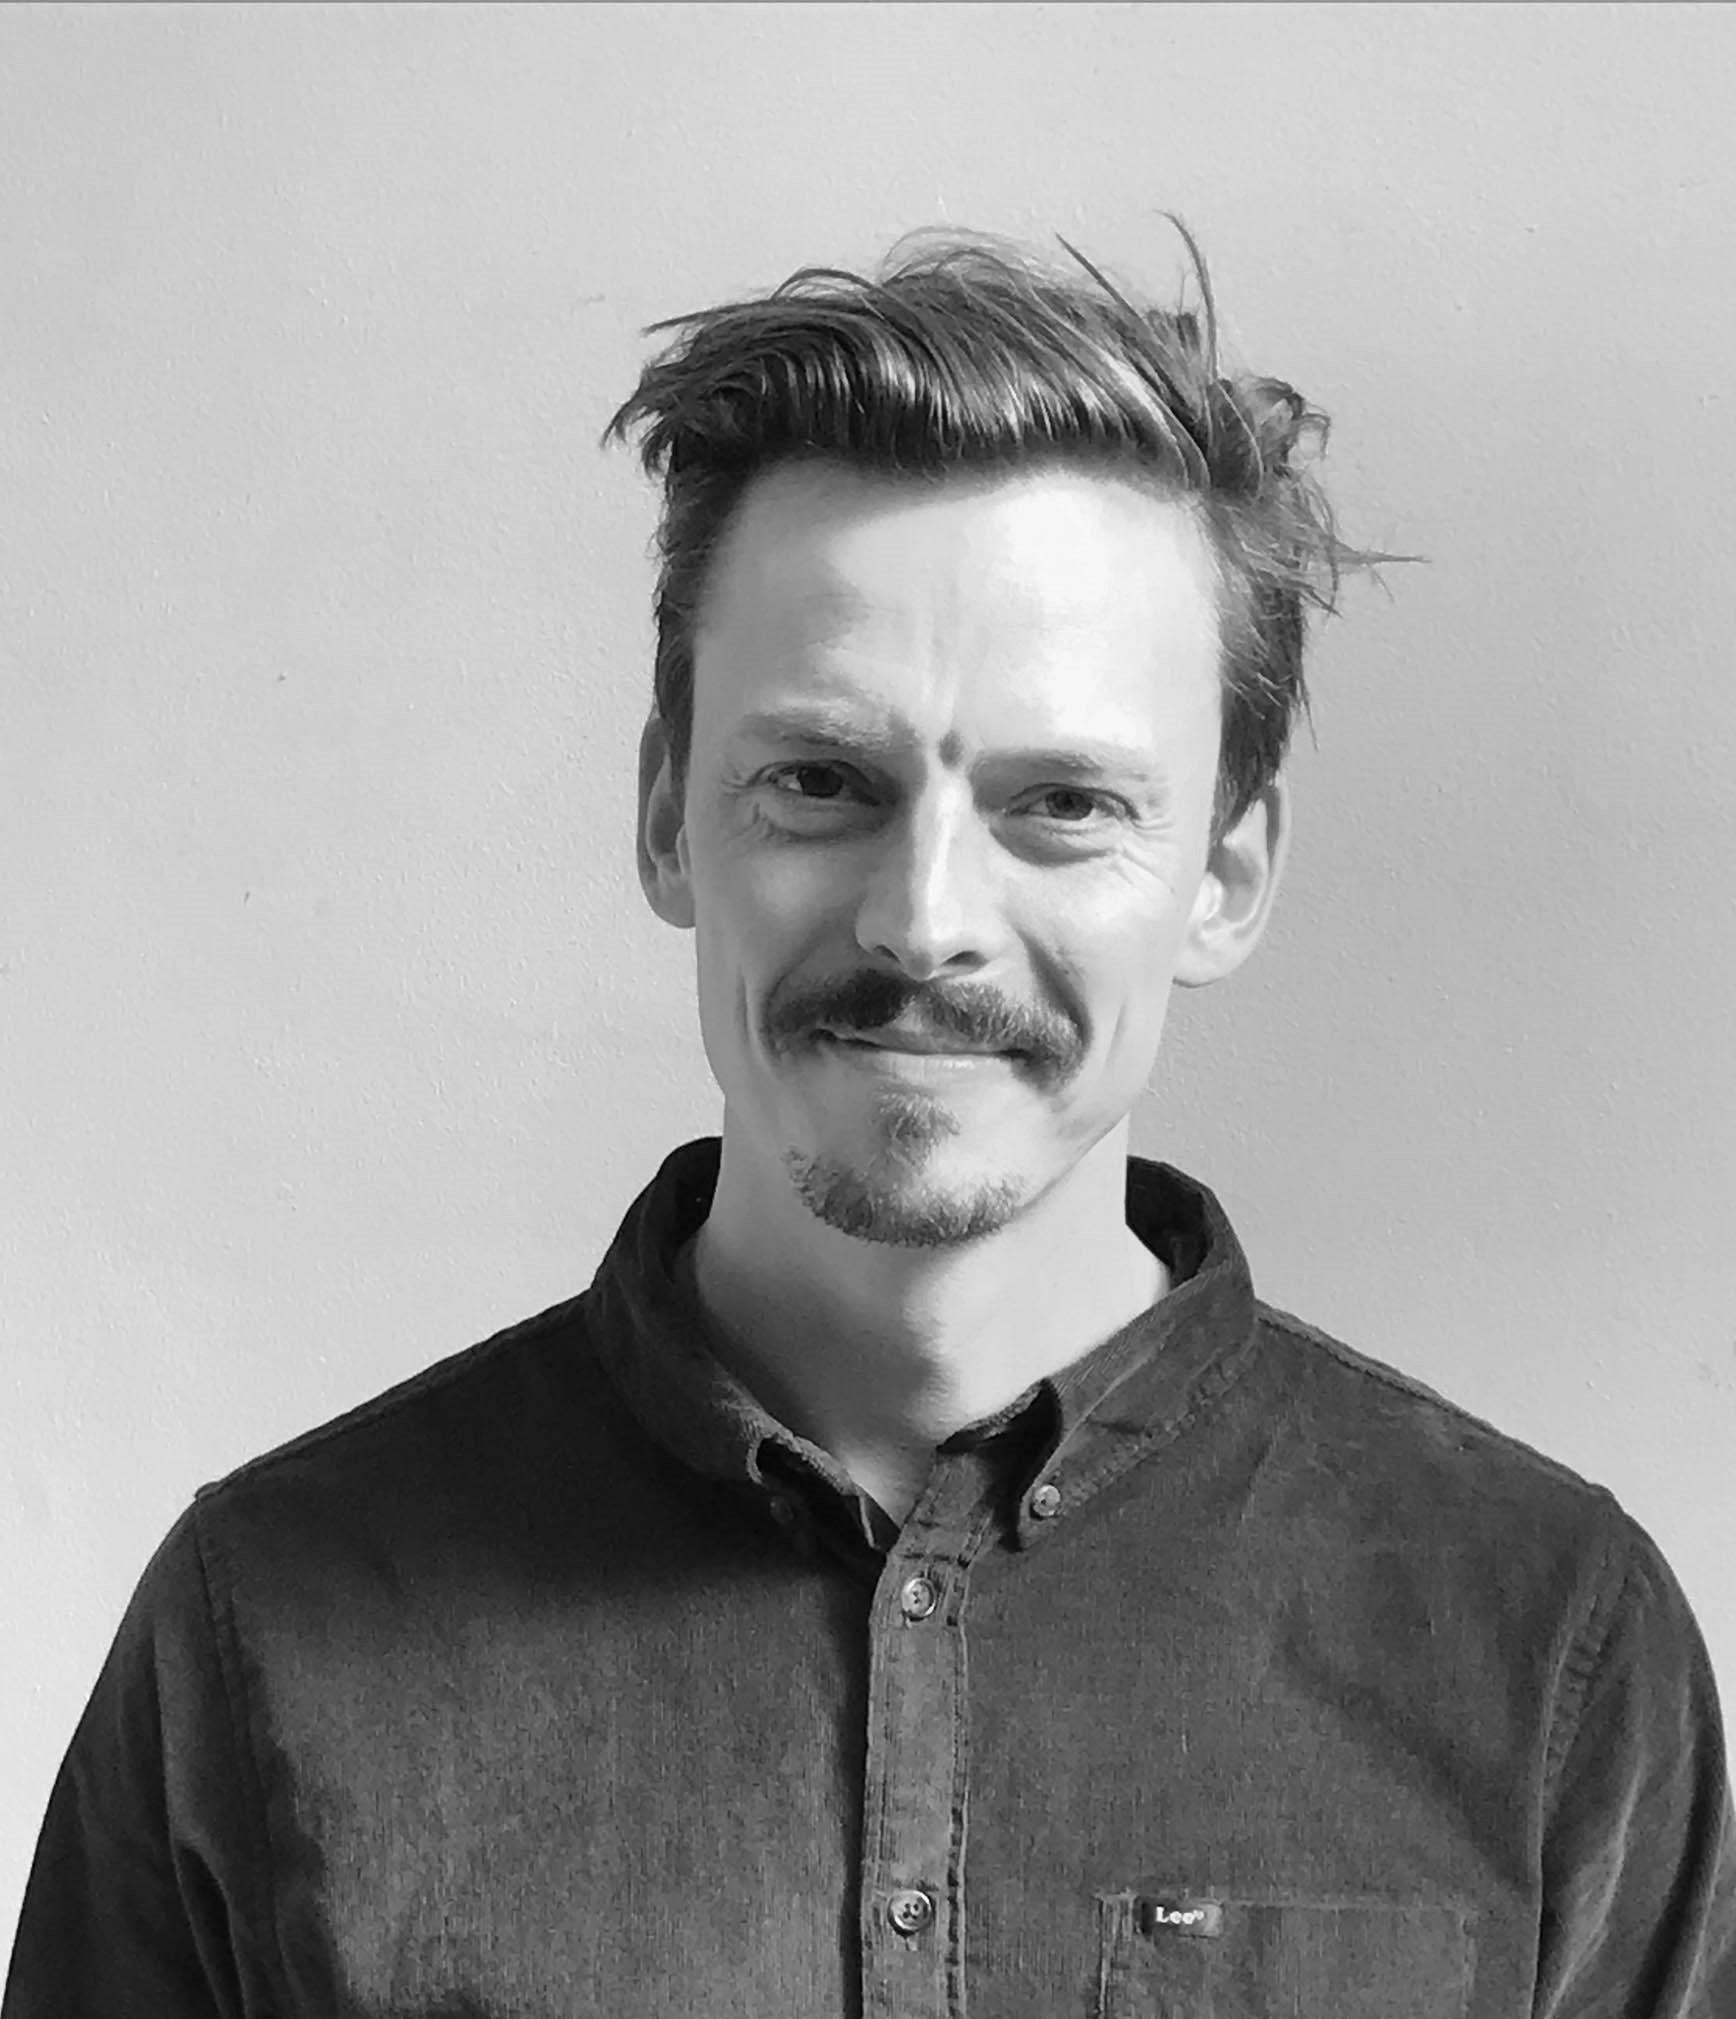 Mikkel Stensgaard, Stifter af BIOARK    Tlf: 3028 8593 -   mikkel@bioark.dk      Som arkitekt og civilingenør er det Mikkel, der tegner retningen i forhold til strategi og udvikling for BIOARKs kunder. Mikkel har udover sin arkitektbaggrund en stor viden indenfor dyrkningsteknologier, og han kan hjælpe med at identificere mulighederne for at integrere fødevareproducerende arkitektur i både eksisterende bygninger og udenomsarealer. Mikkel yder også bygherrerådgivning, ligesom han er specialkonsulent på BIOARKs projekter.